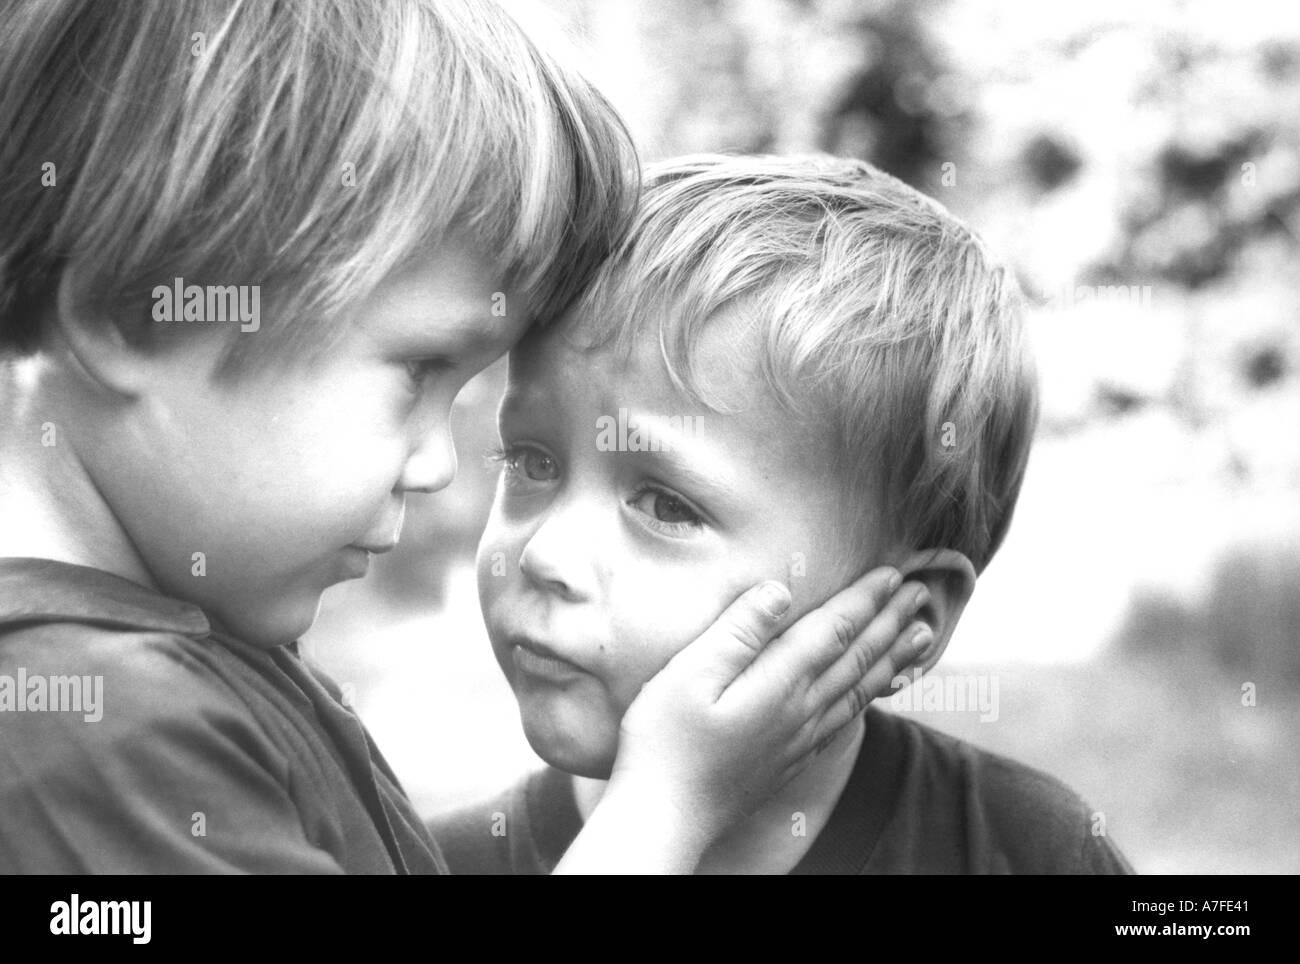 2 брата сосут члены друг друга